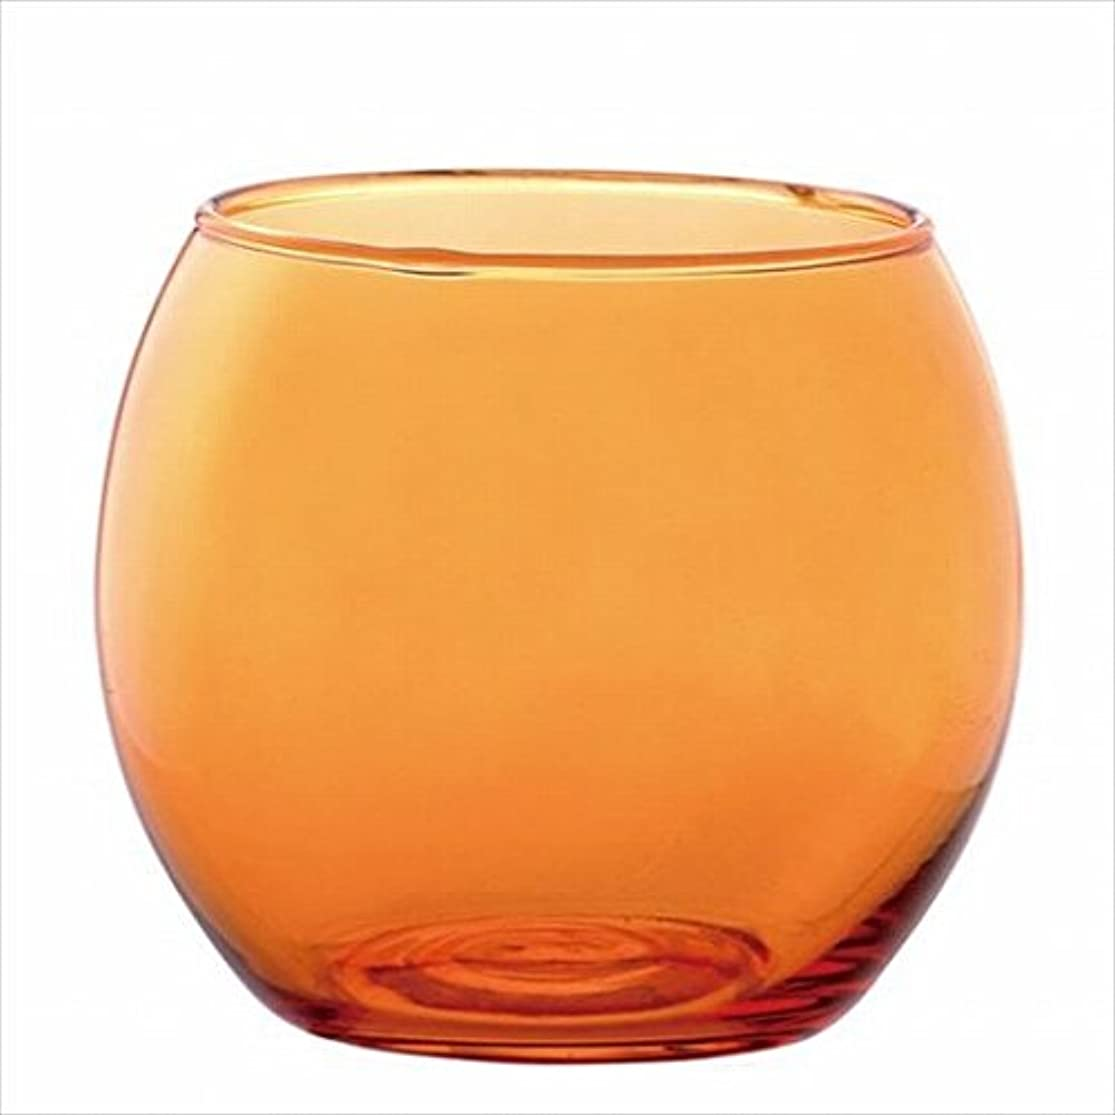 極地クリークアルコーブカメヤマキャンドル( kameyama candle ) スフィアキャンドルホルダー 「 オレンジ 」